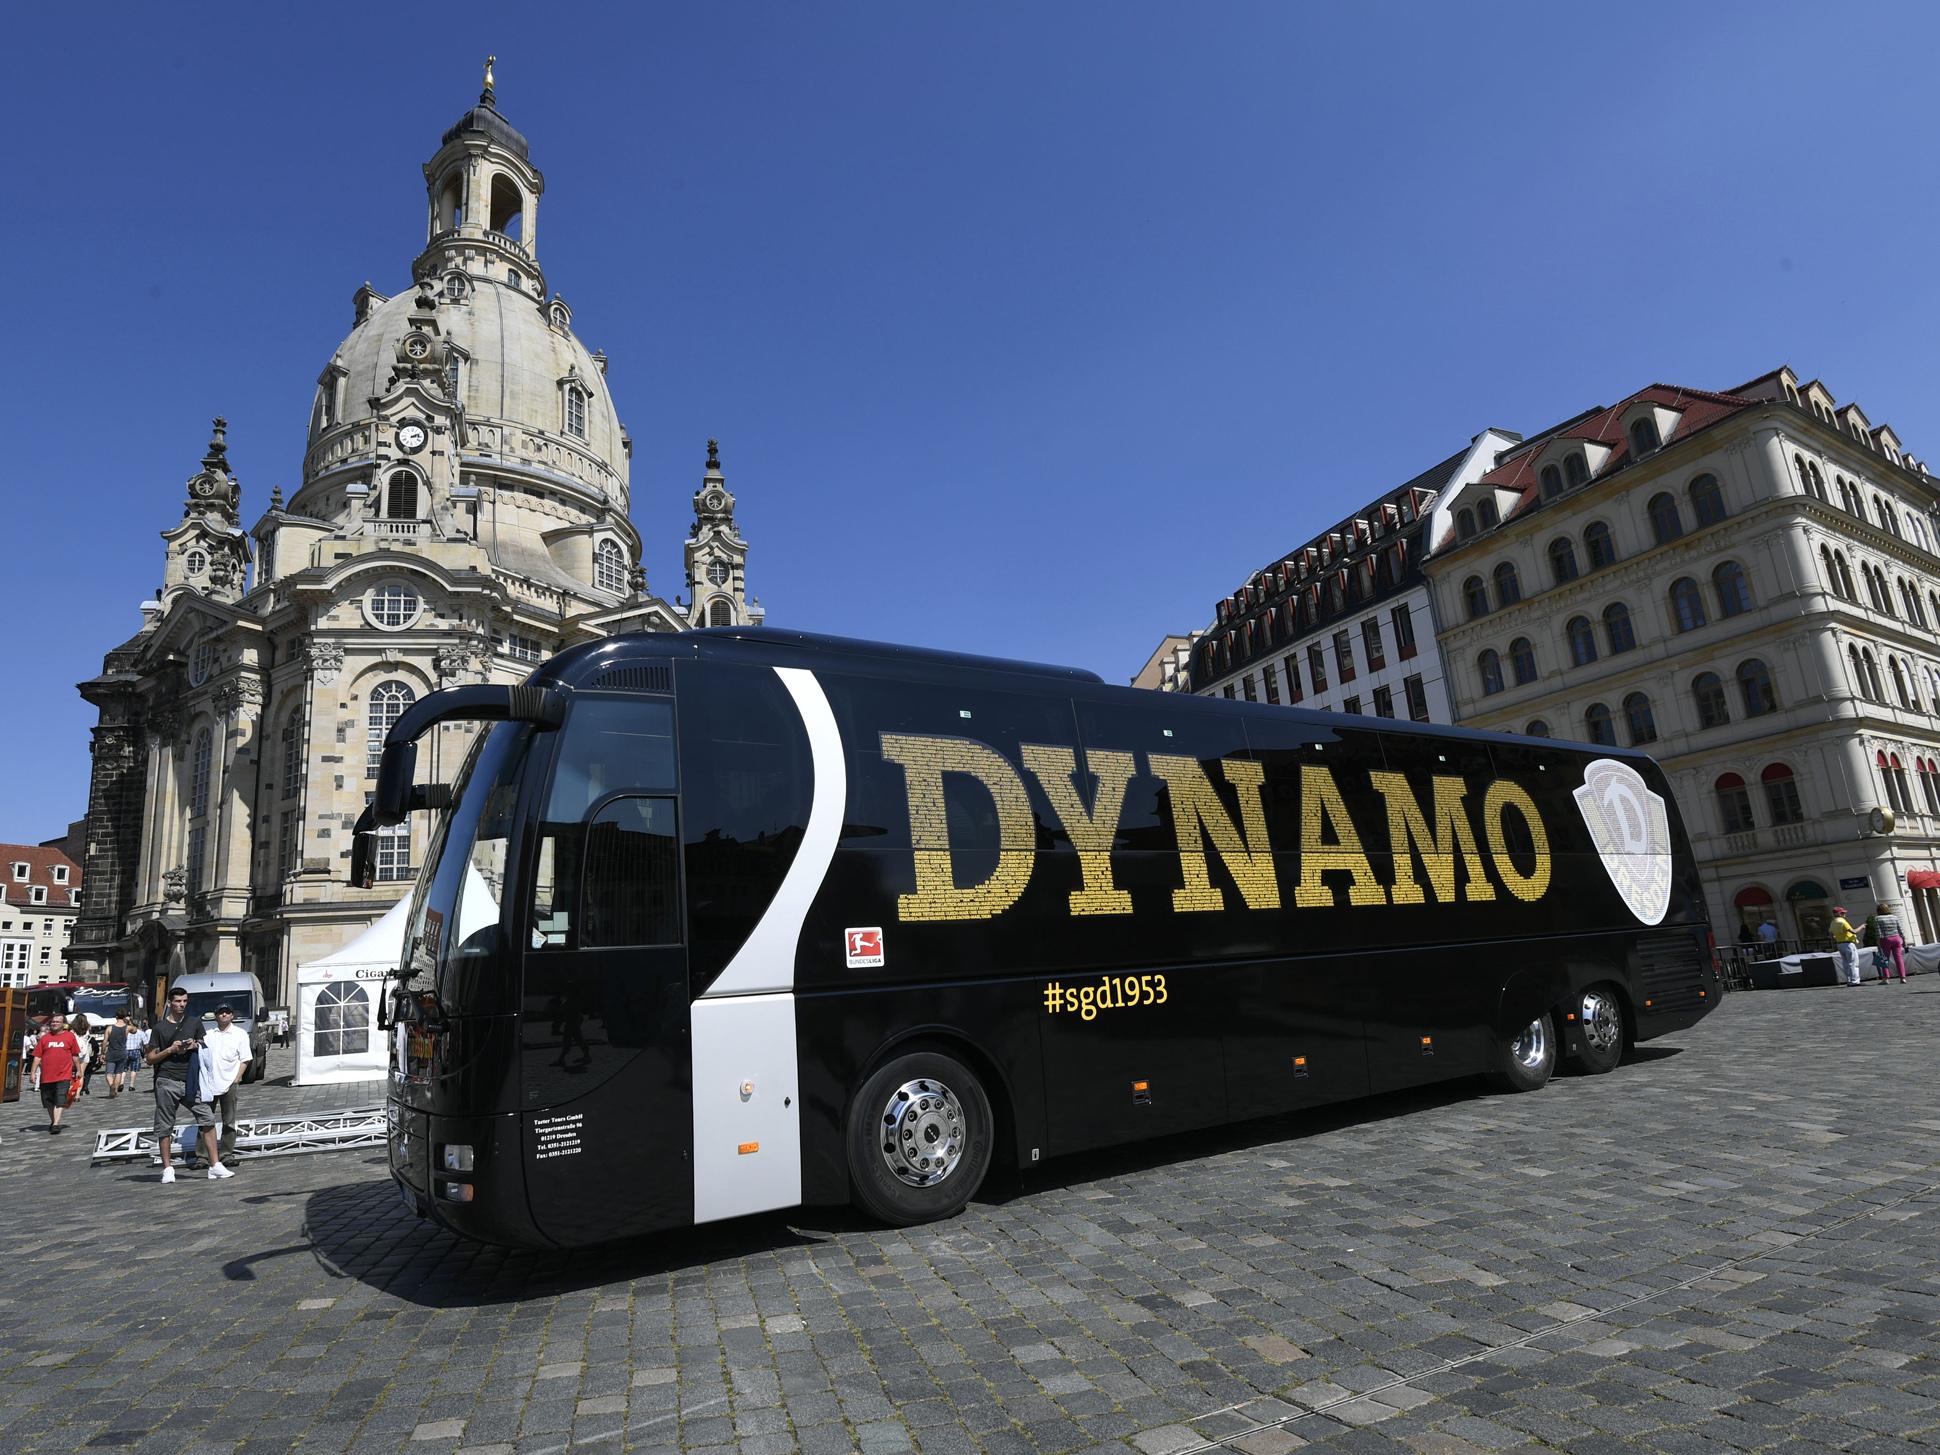 In dem neuen Mannschaftsbus, einem MAN Lion's Coach, erwartet die Spieler von Dynamo Dresden eine Hecklounge, Beinauflagen und On-Board-Entertainment.